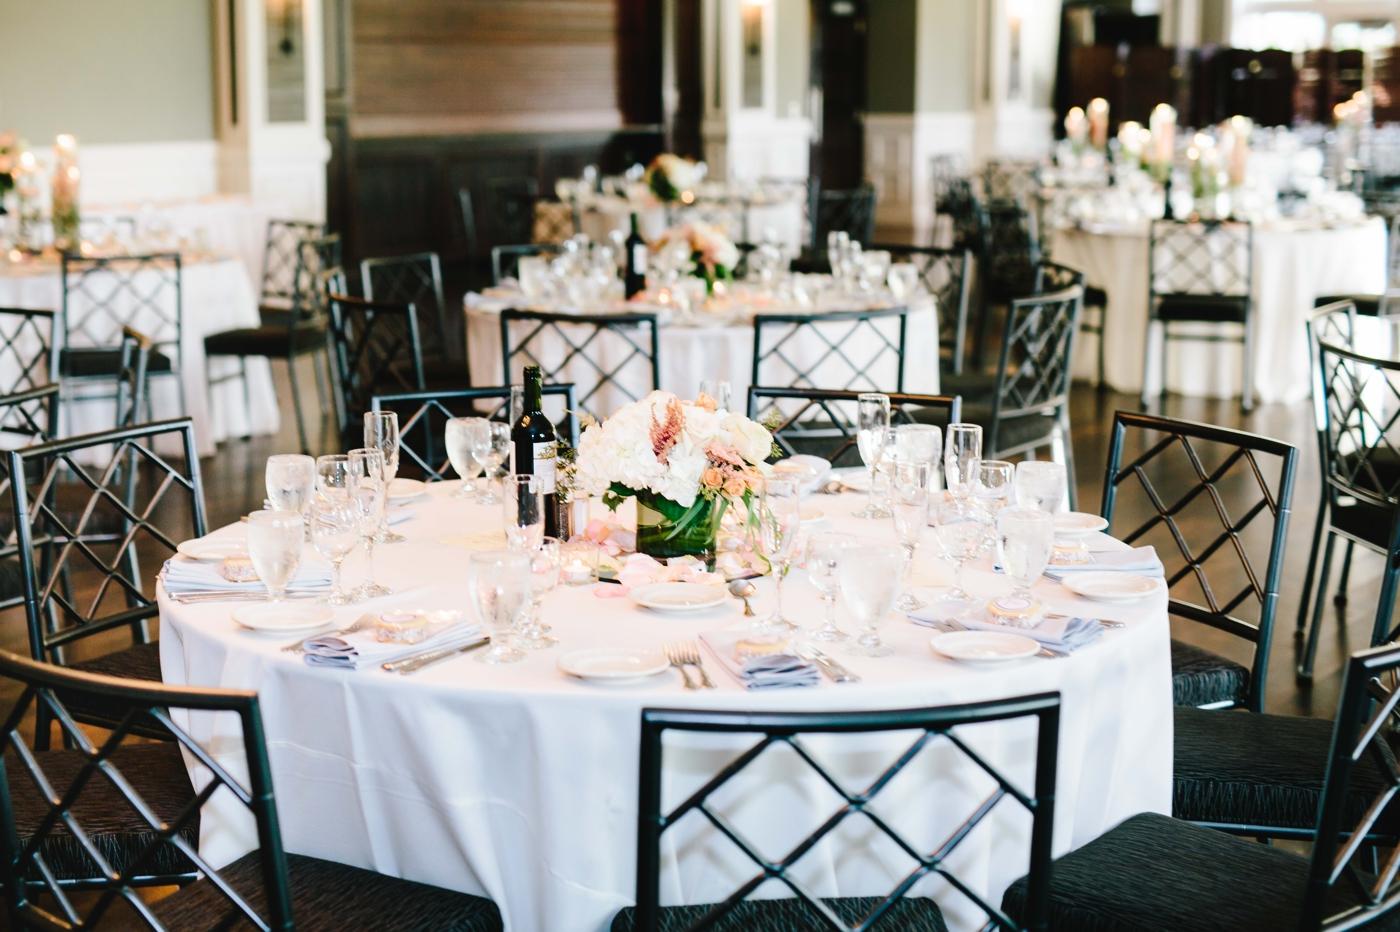 chicago-fine-art-wedding-photography-neuendank23